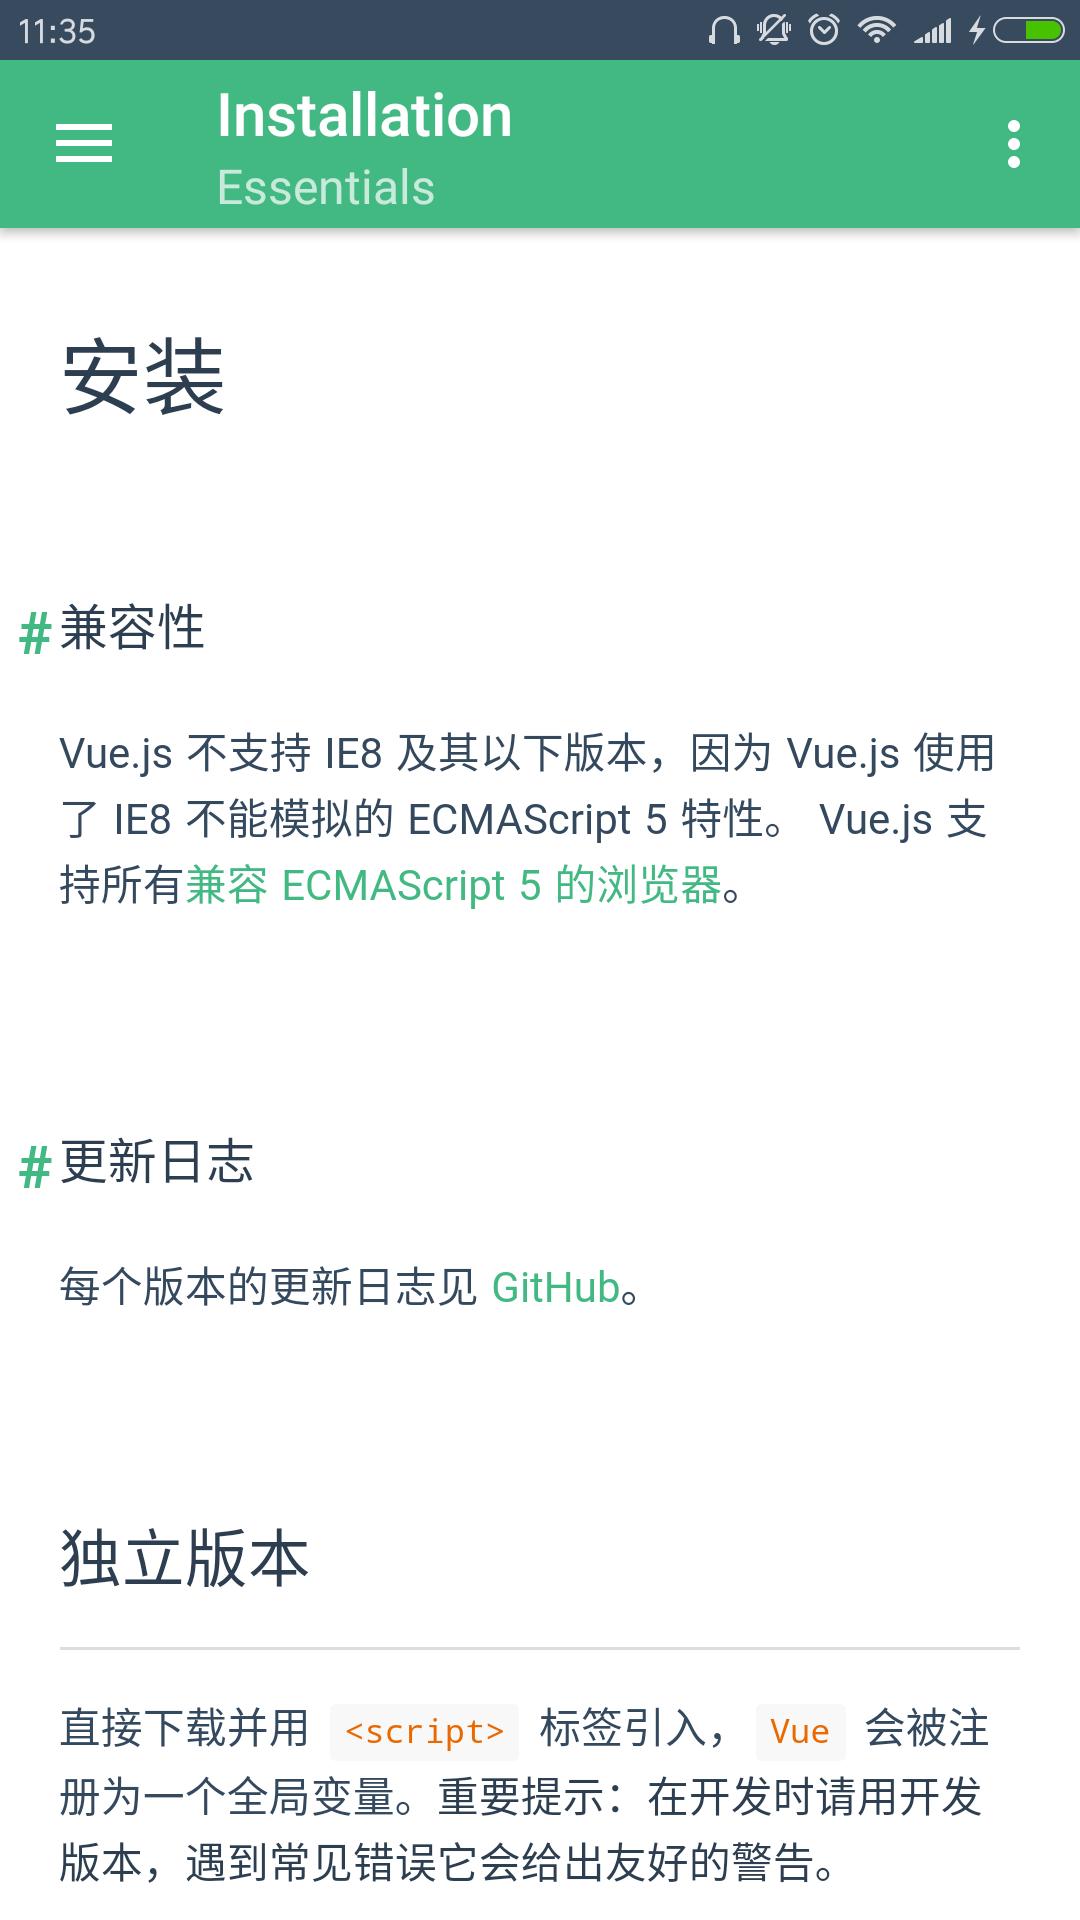 Vue js DocumentationAPP下载,Vue js Documentation v1 7官方